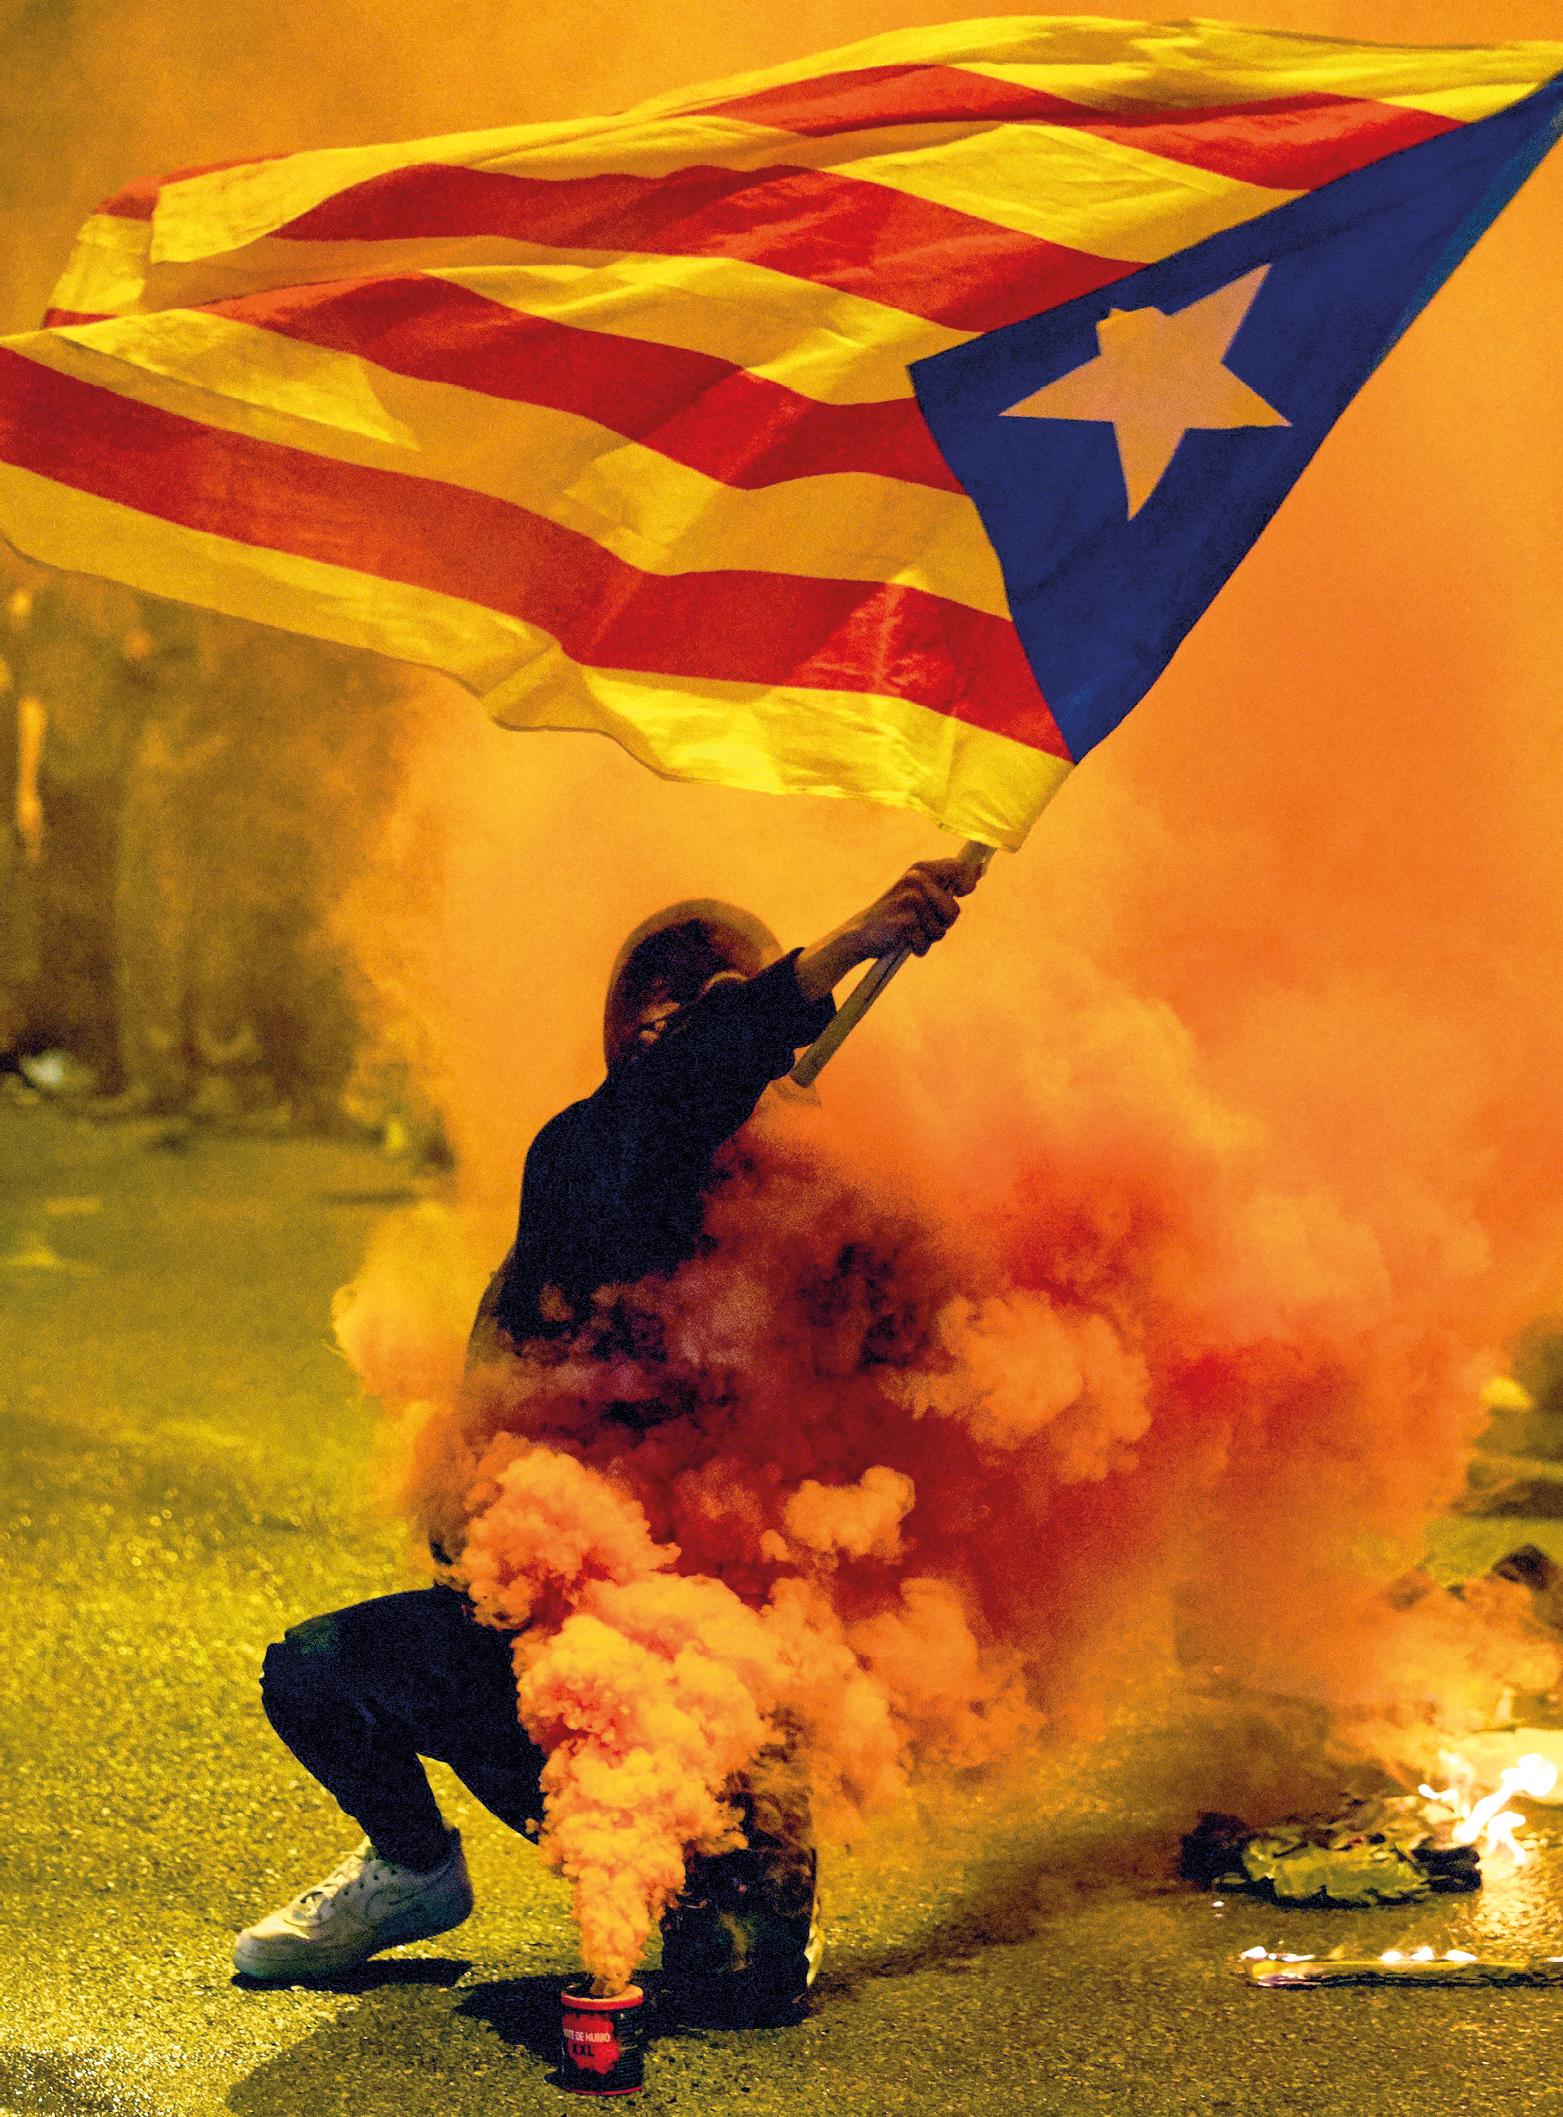 Um manifestante agita a 'Estelada', bandeira não oficial da independência da Catalunha, durante motins contra a decisão da Suprema Corte espanhola de várias penas de prisão para líderes pró-independência. 18 de outubro de 2019. EPA / DAVID BORRAT